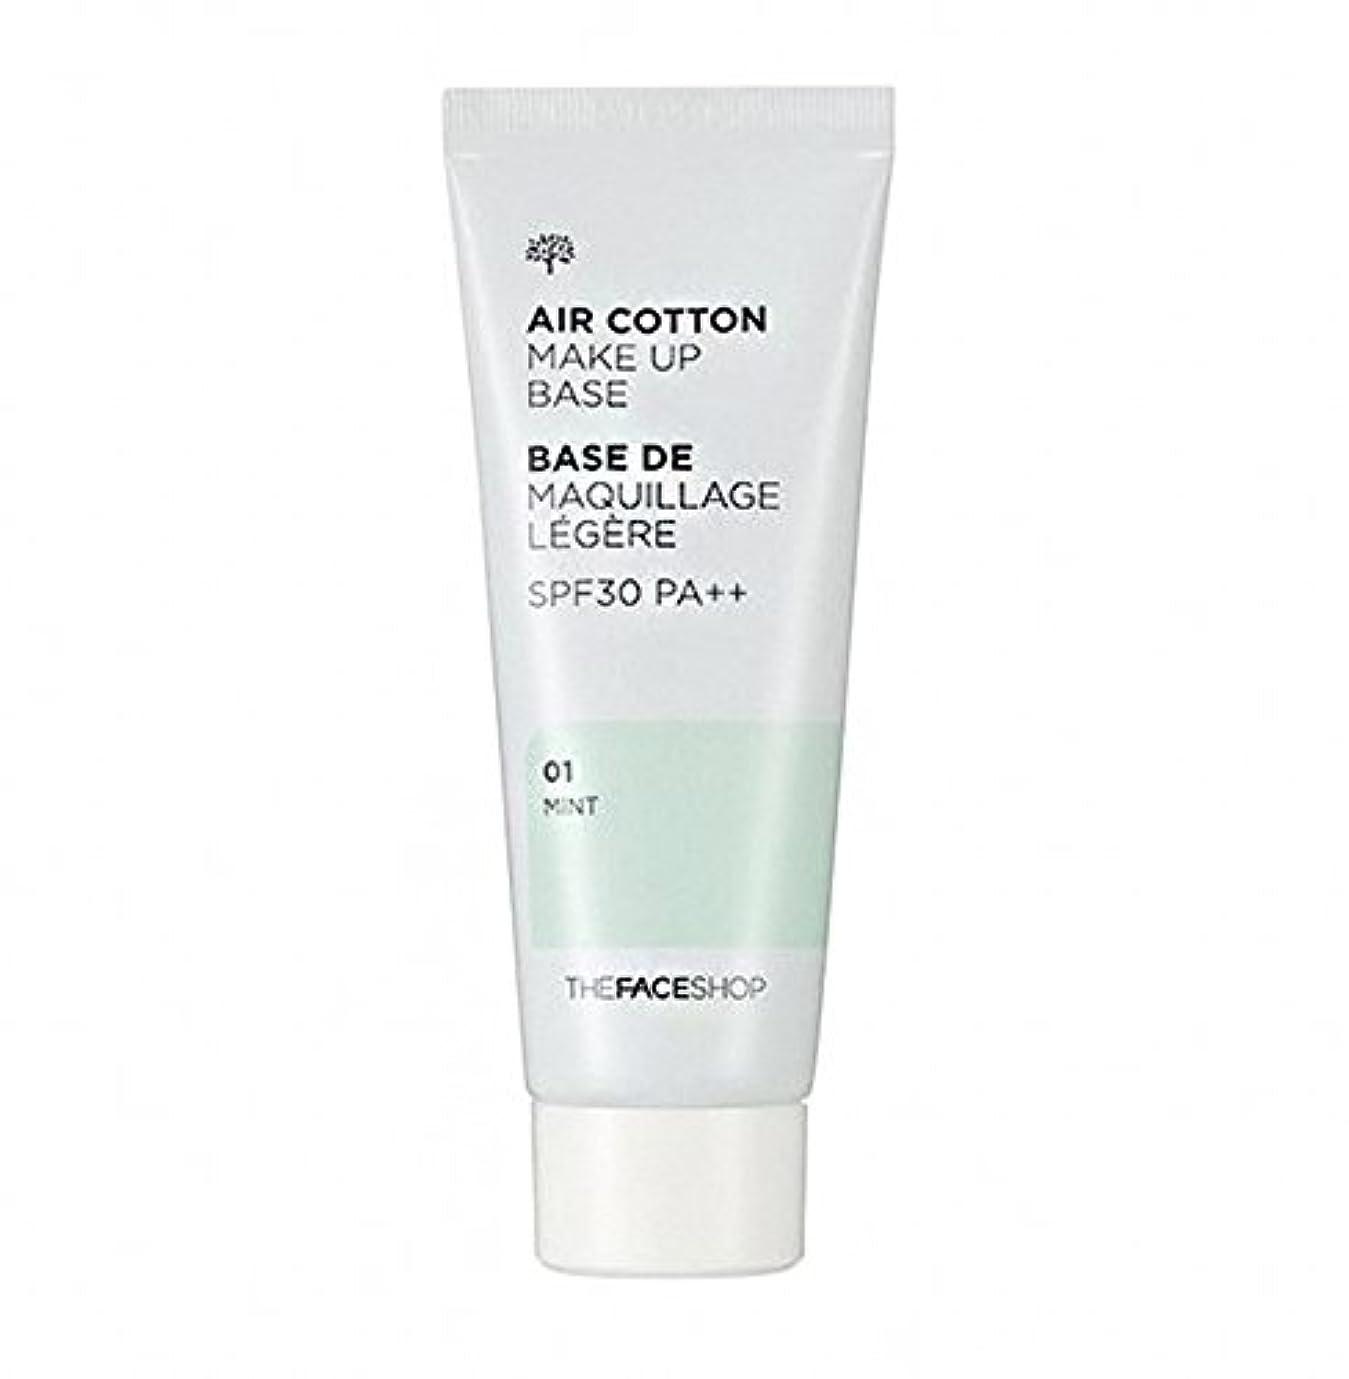 解決するリーチリーガンザ·フェイスショップ The Face Shop エアコットン メーキャップ ベース 40ml(01 ミント) The Face Shop air Cotton Makeup Base 40ml(01 Mint) [海外直送品]